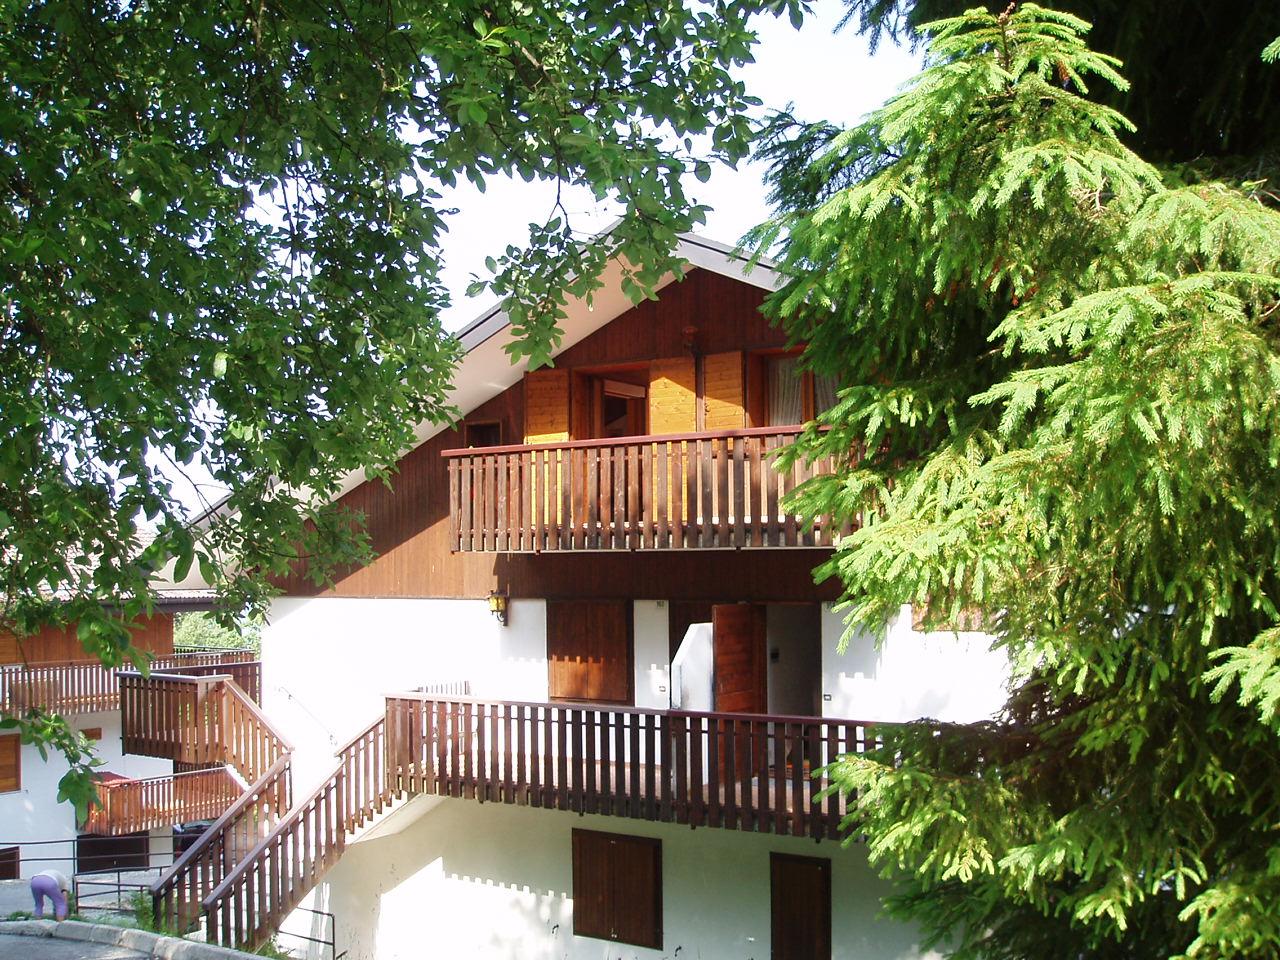 Appartamento 2 camere in Via faverghera